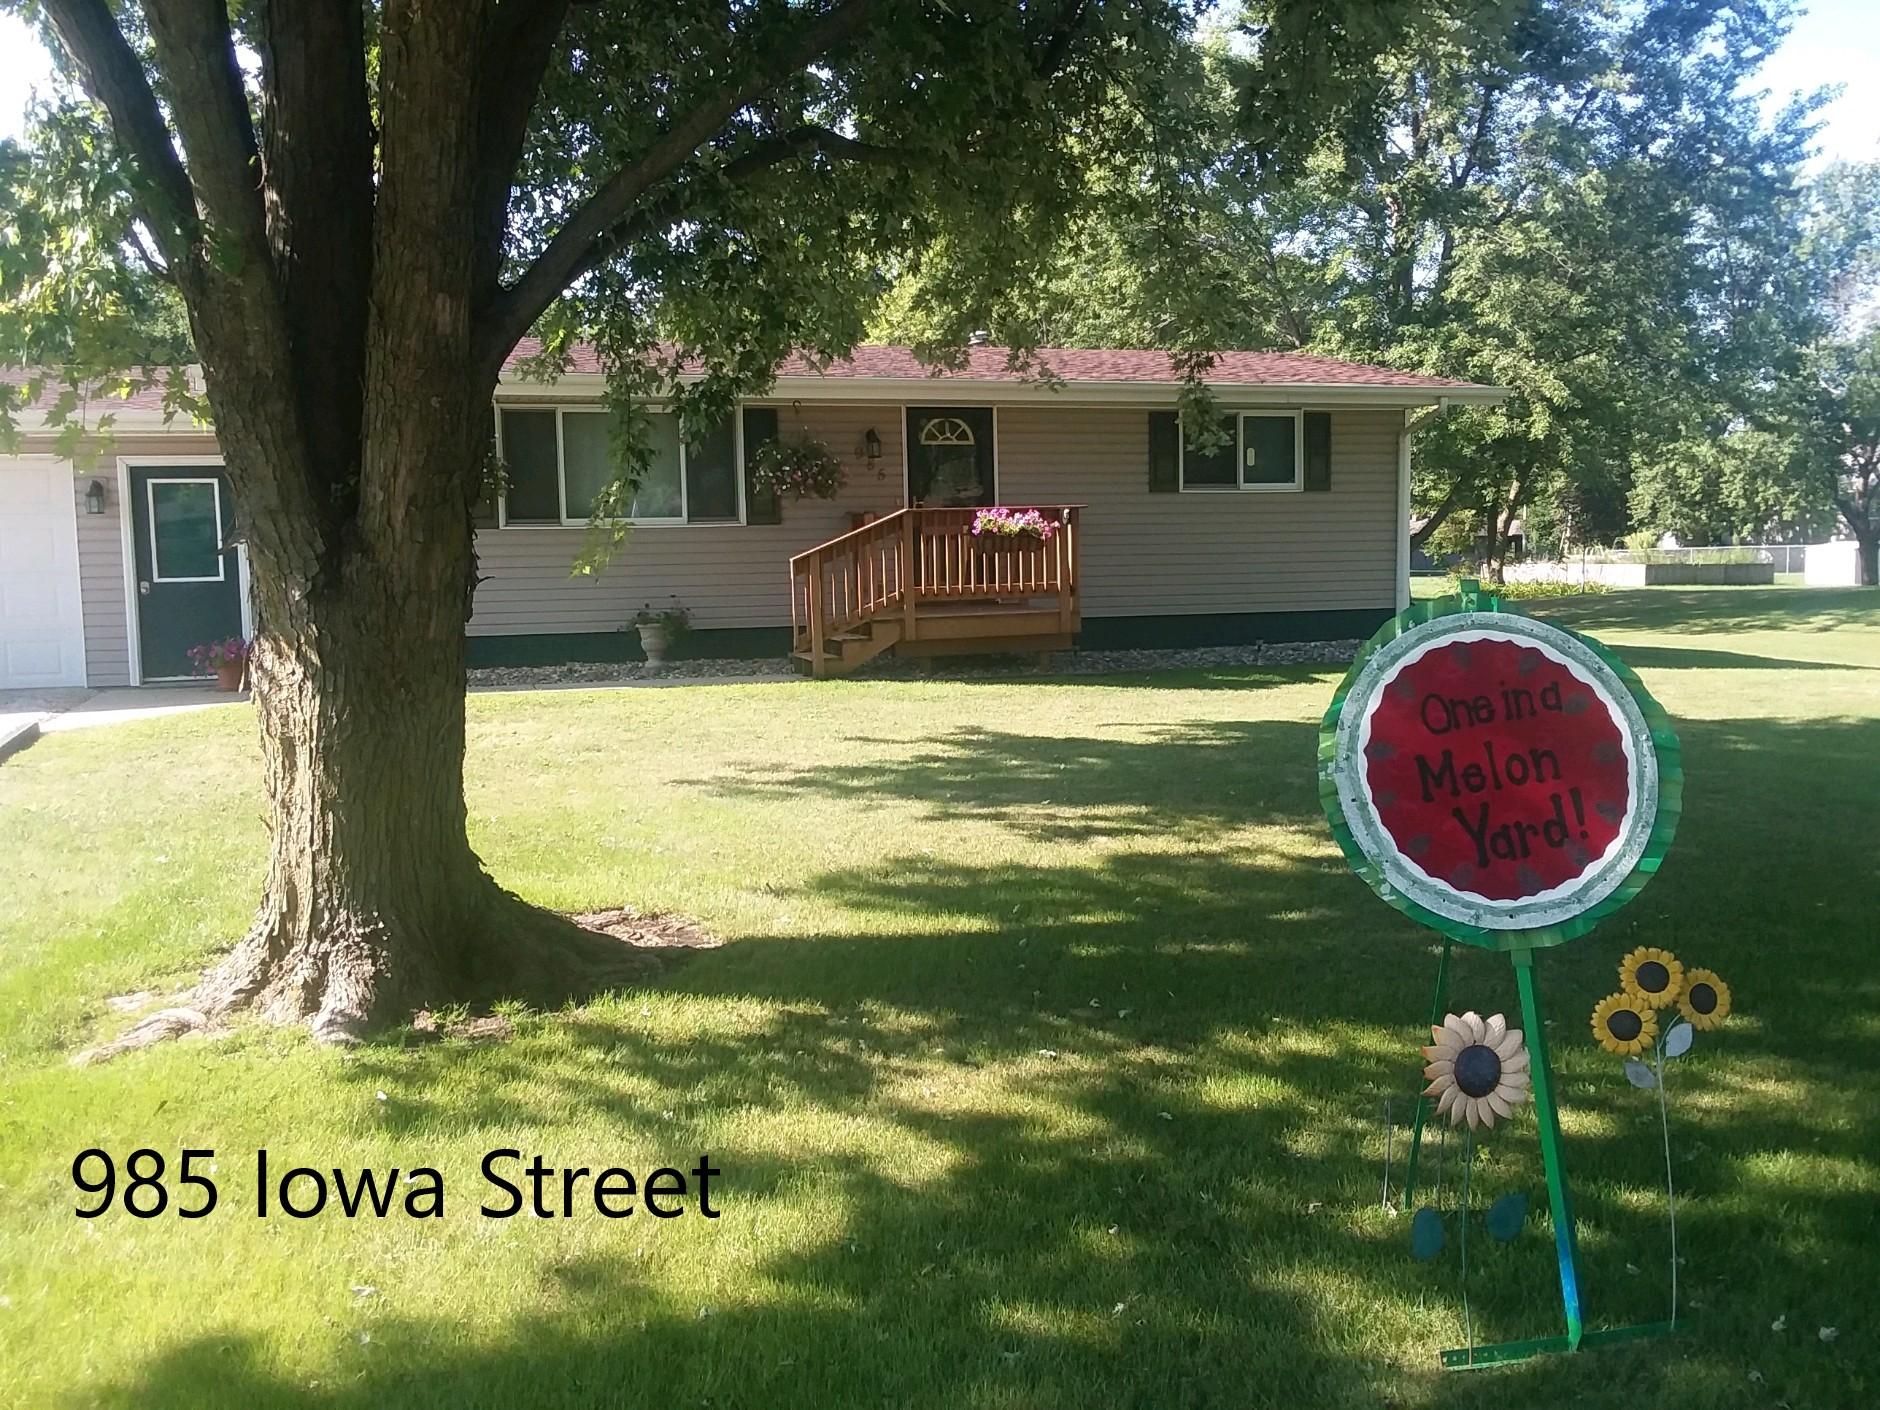 985 Iowa Street